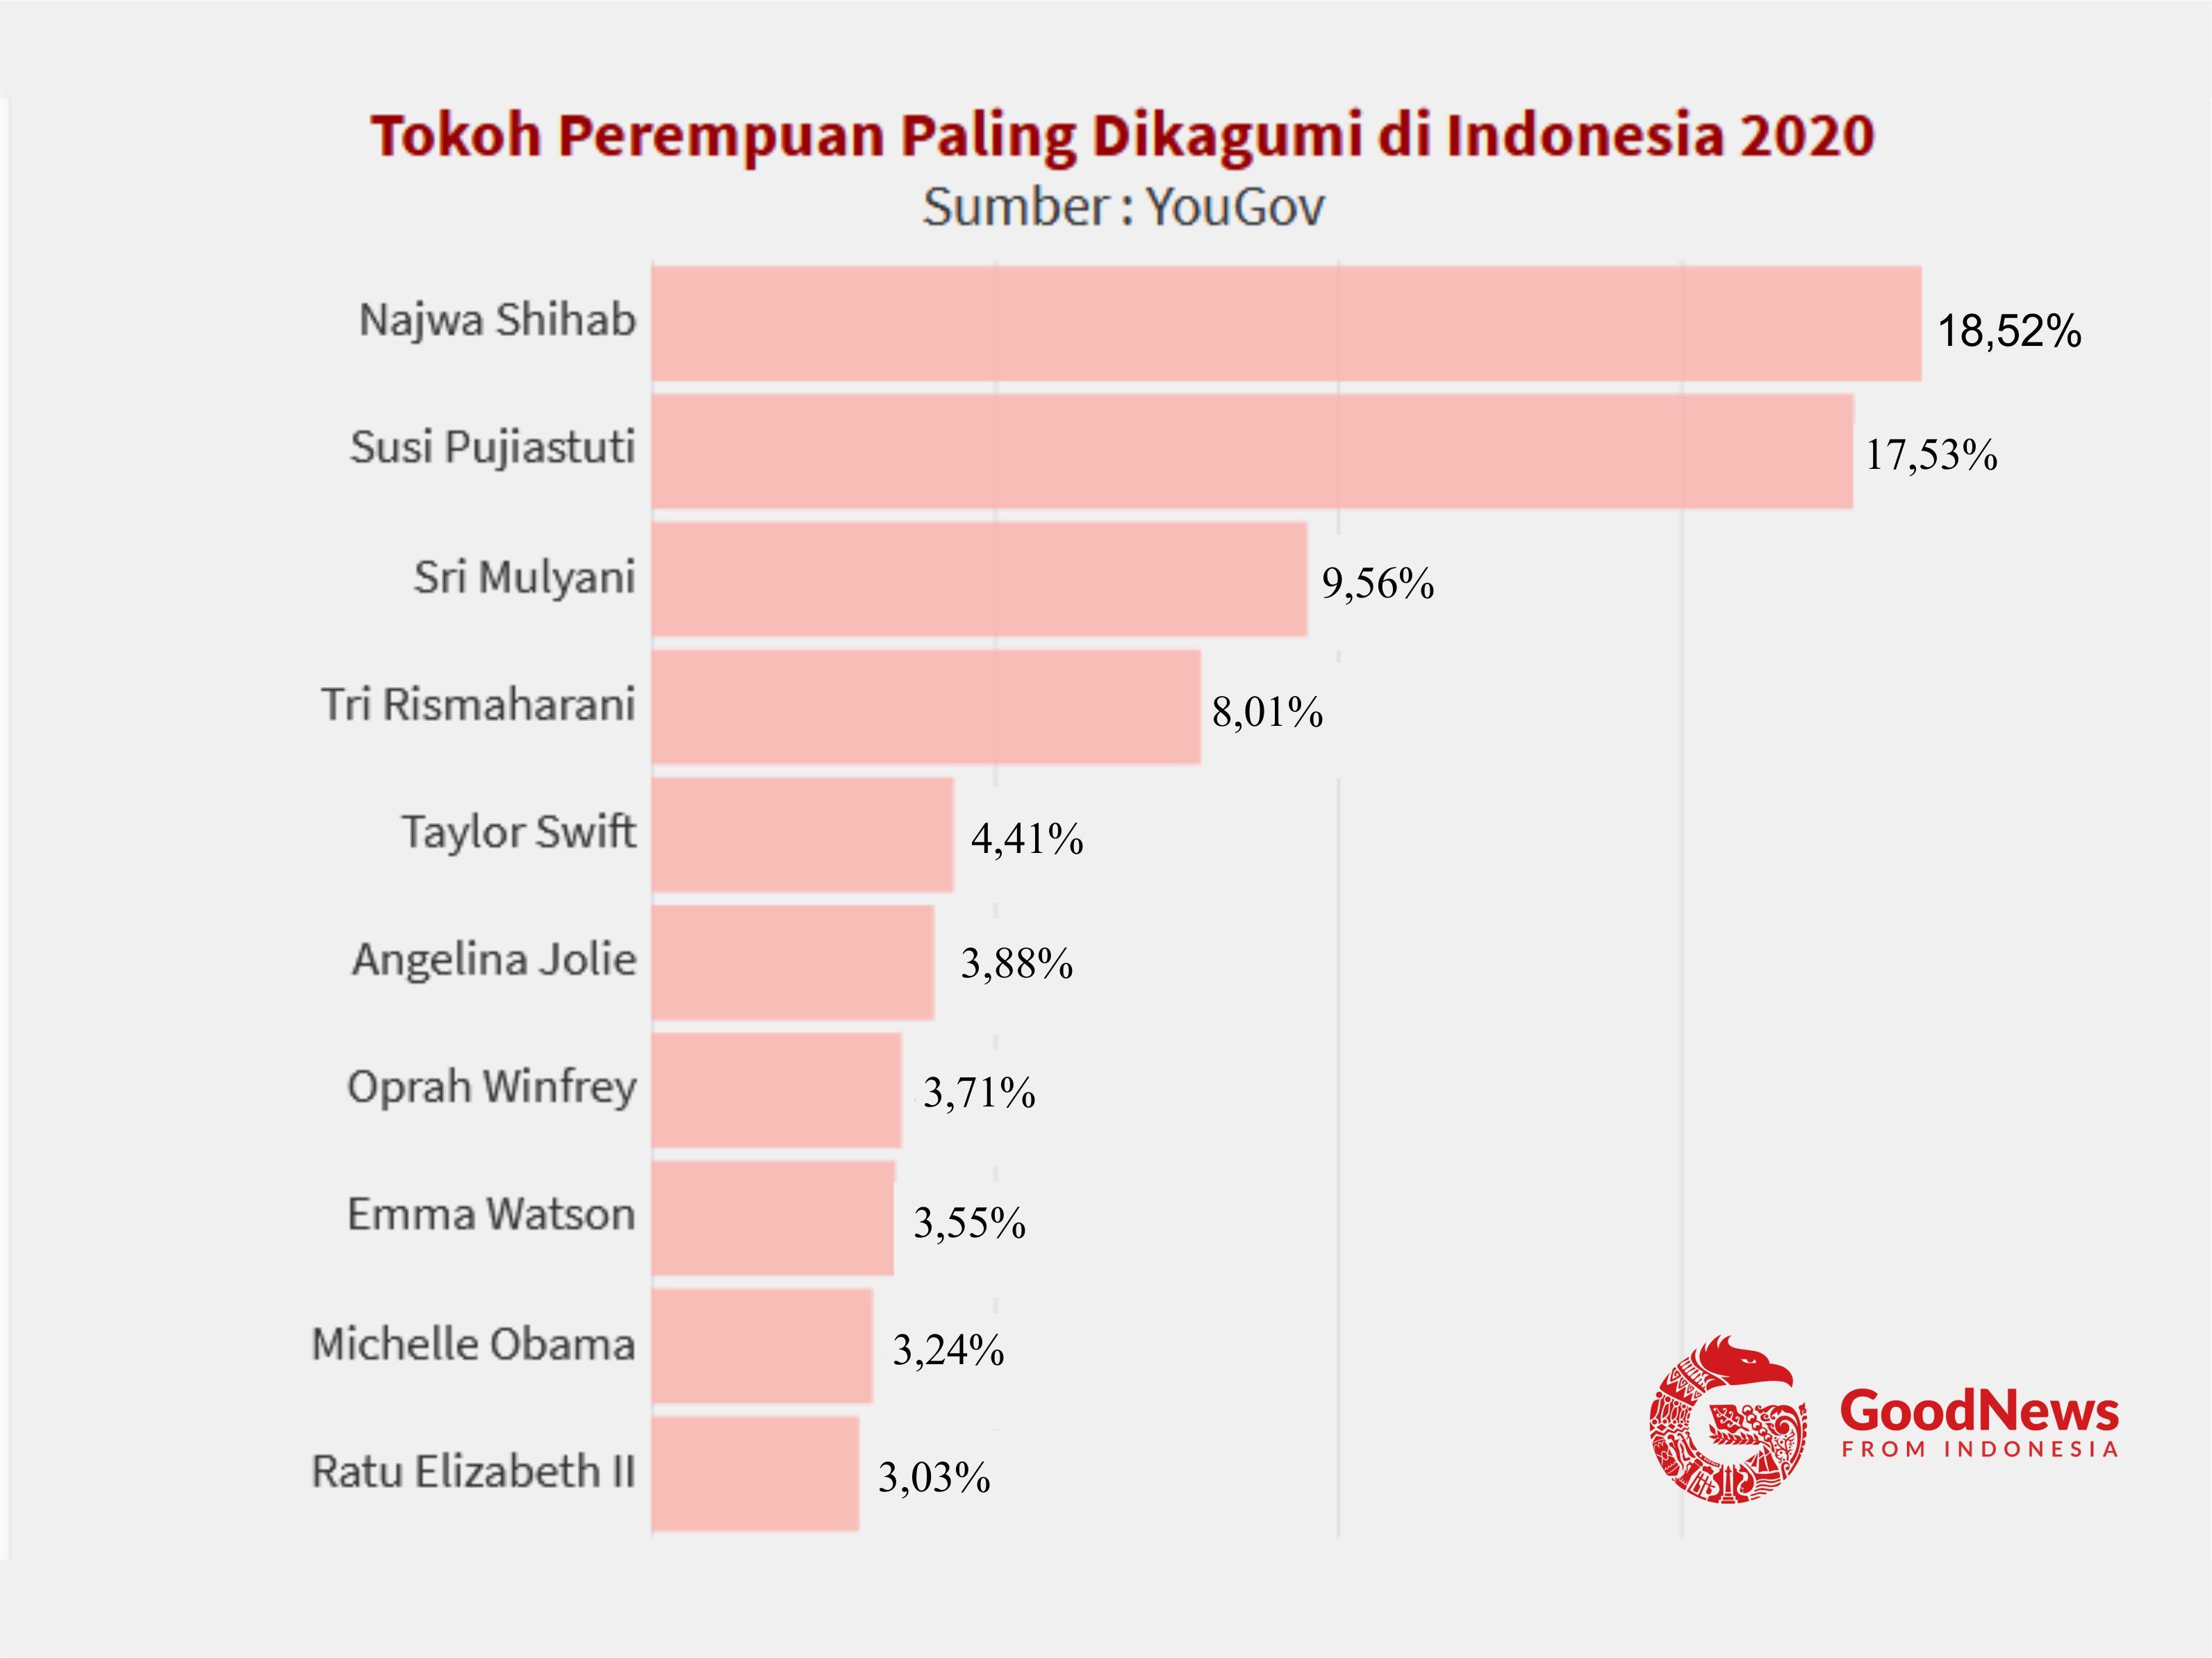 10 Tokoh perempuan paling dikagumi di Indonesia